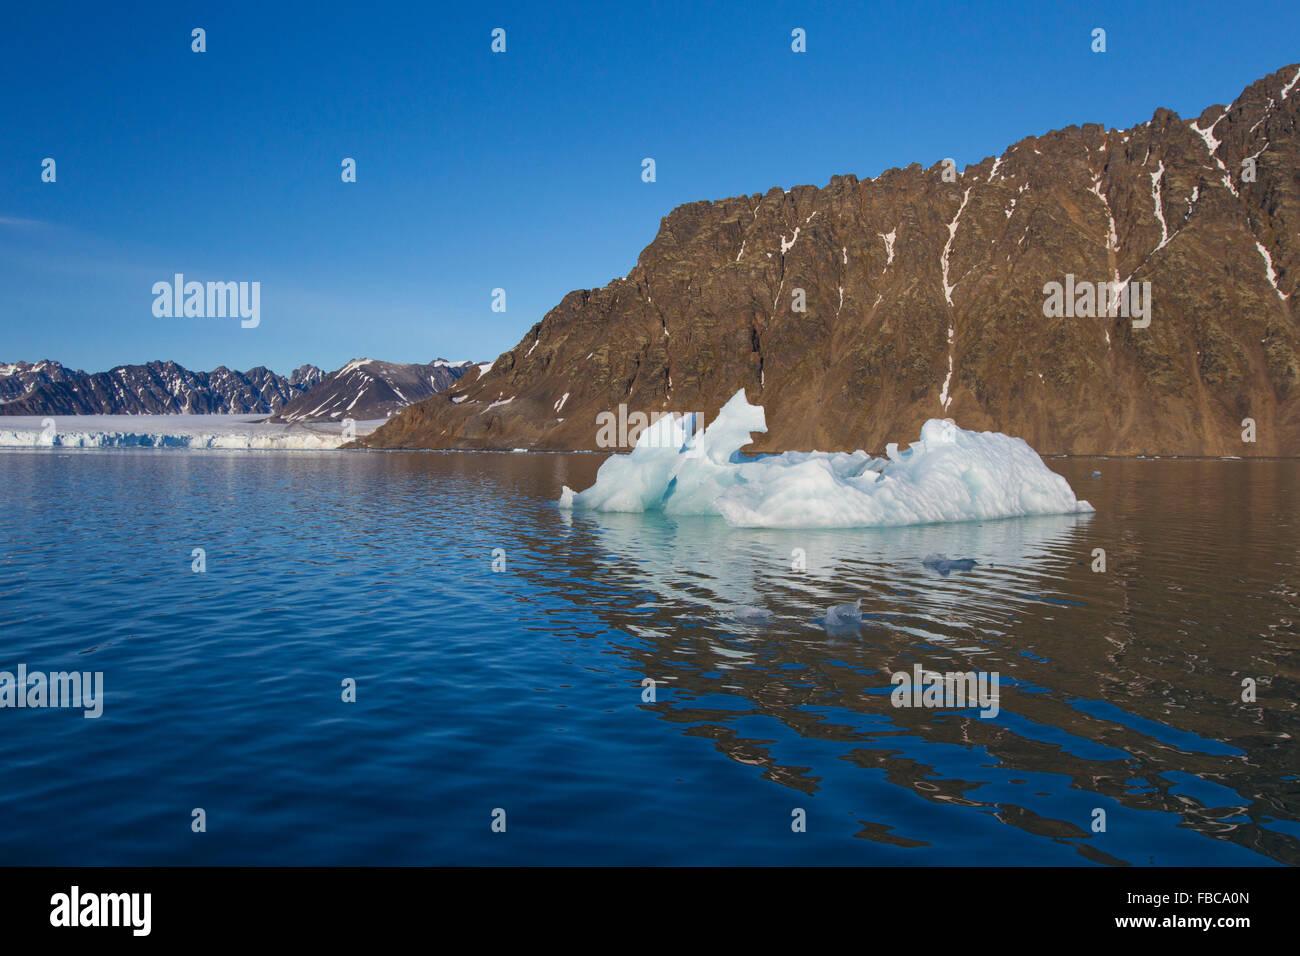 Calved iceberg from Lilliehöökbreen glacier melting in Lilliehöökfjorden, fjord branch of Krossfjorden, - Stock Image